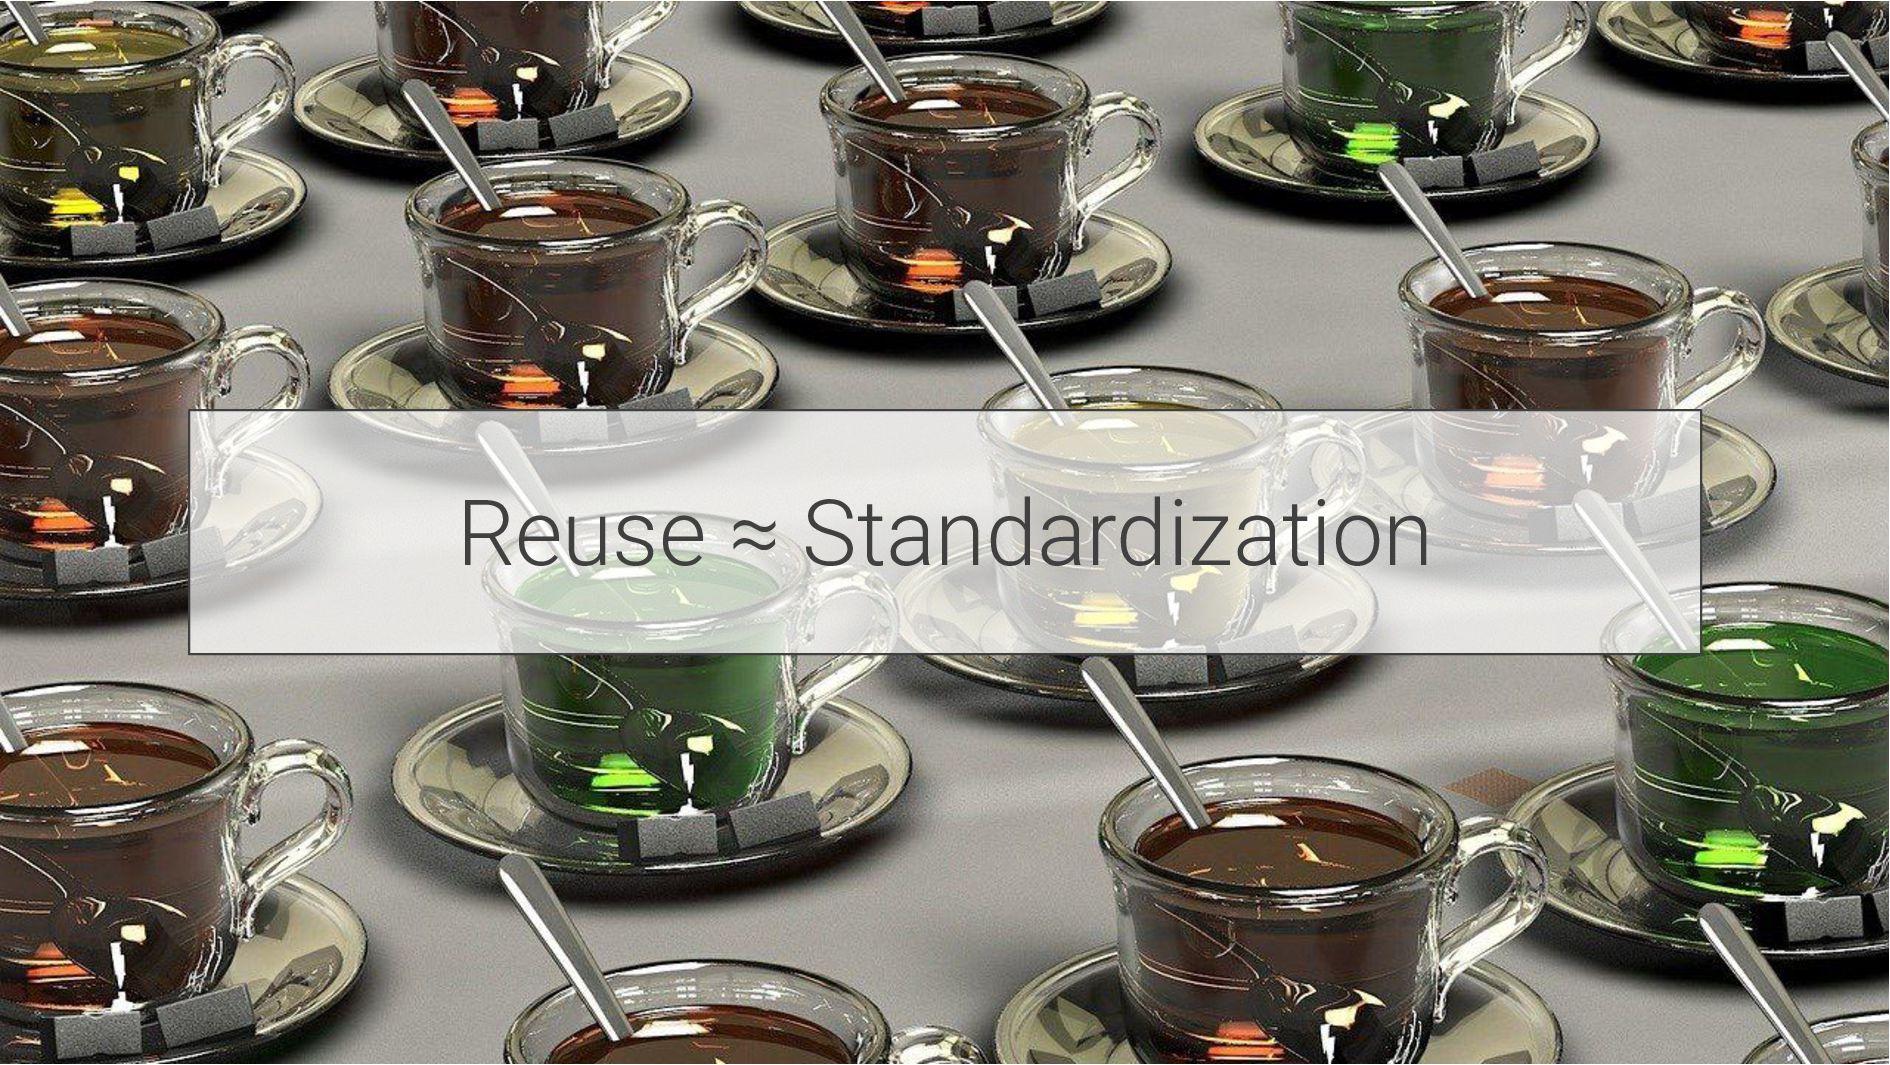 Reuse ≈ Standardization